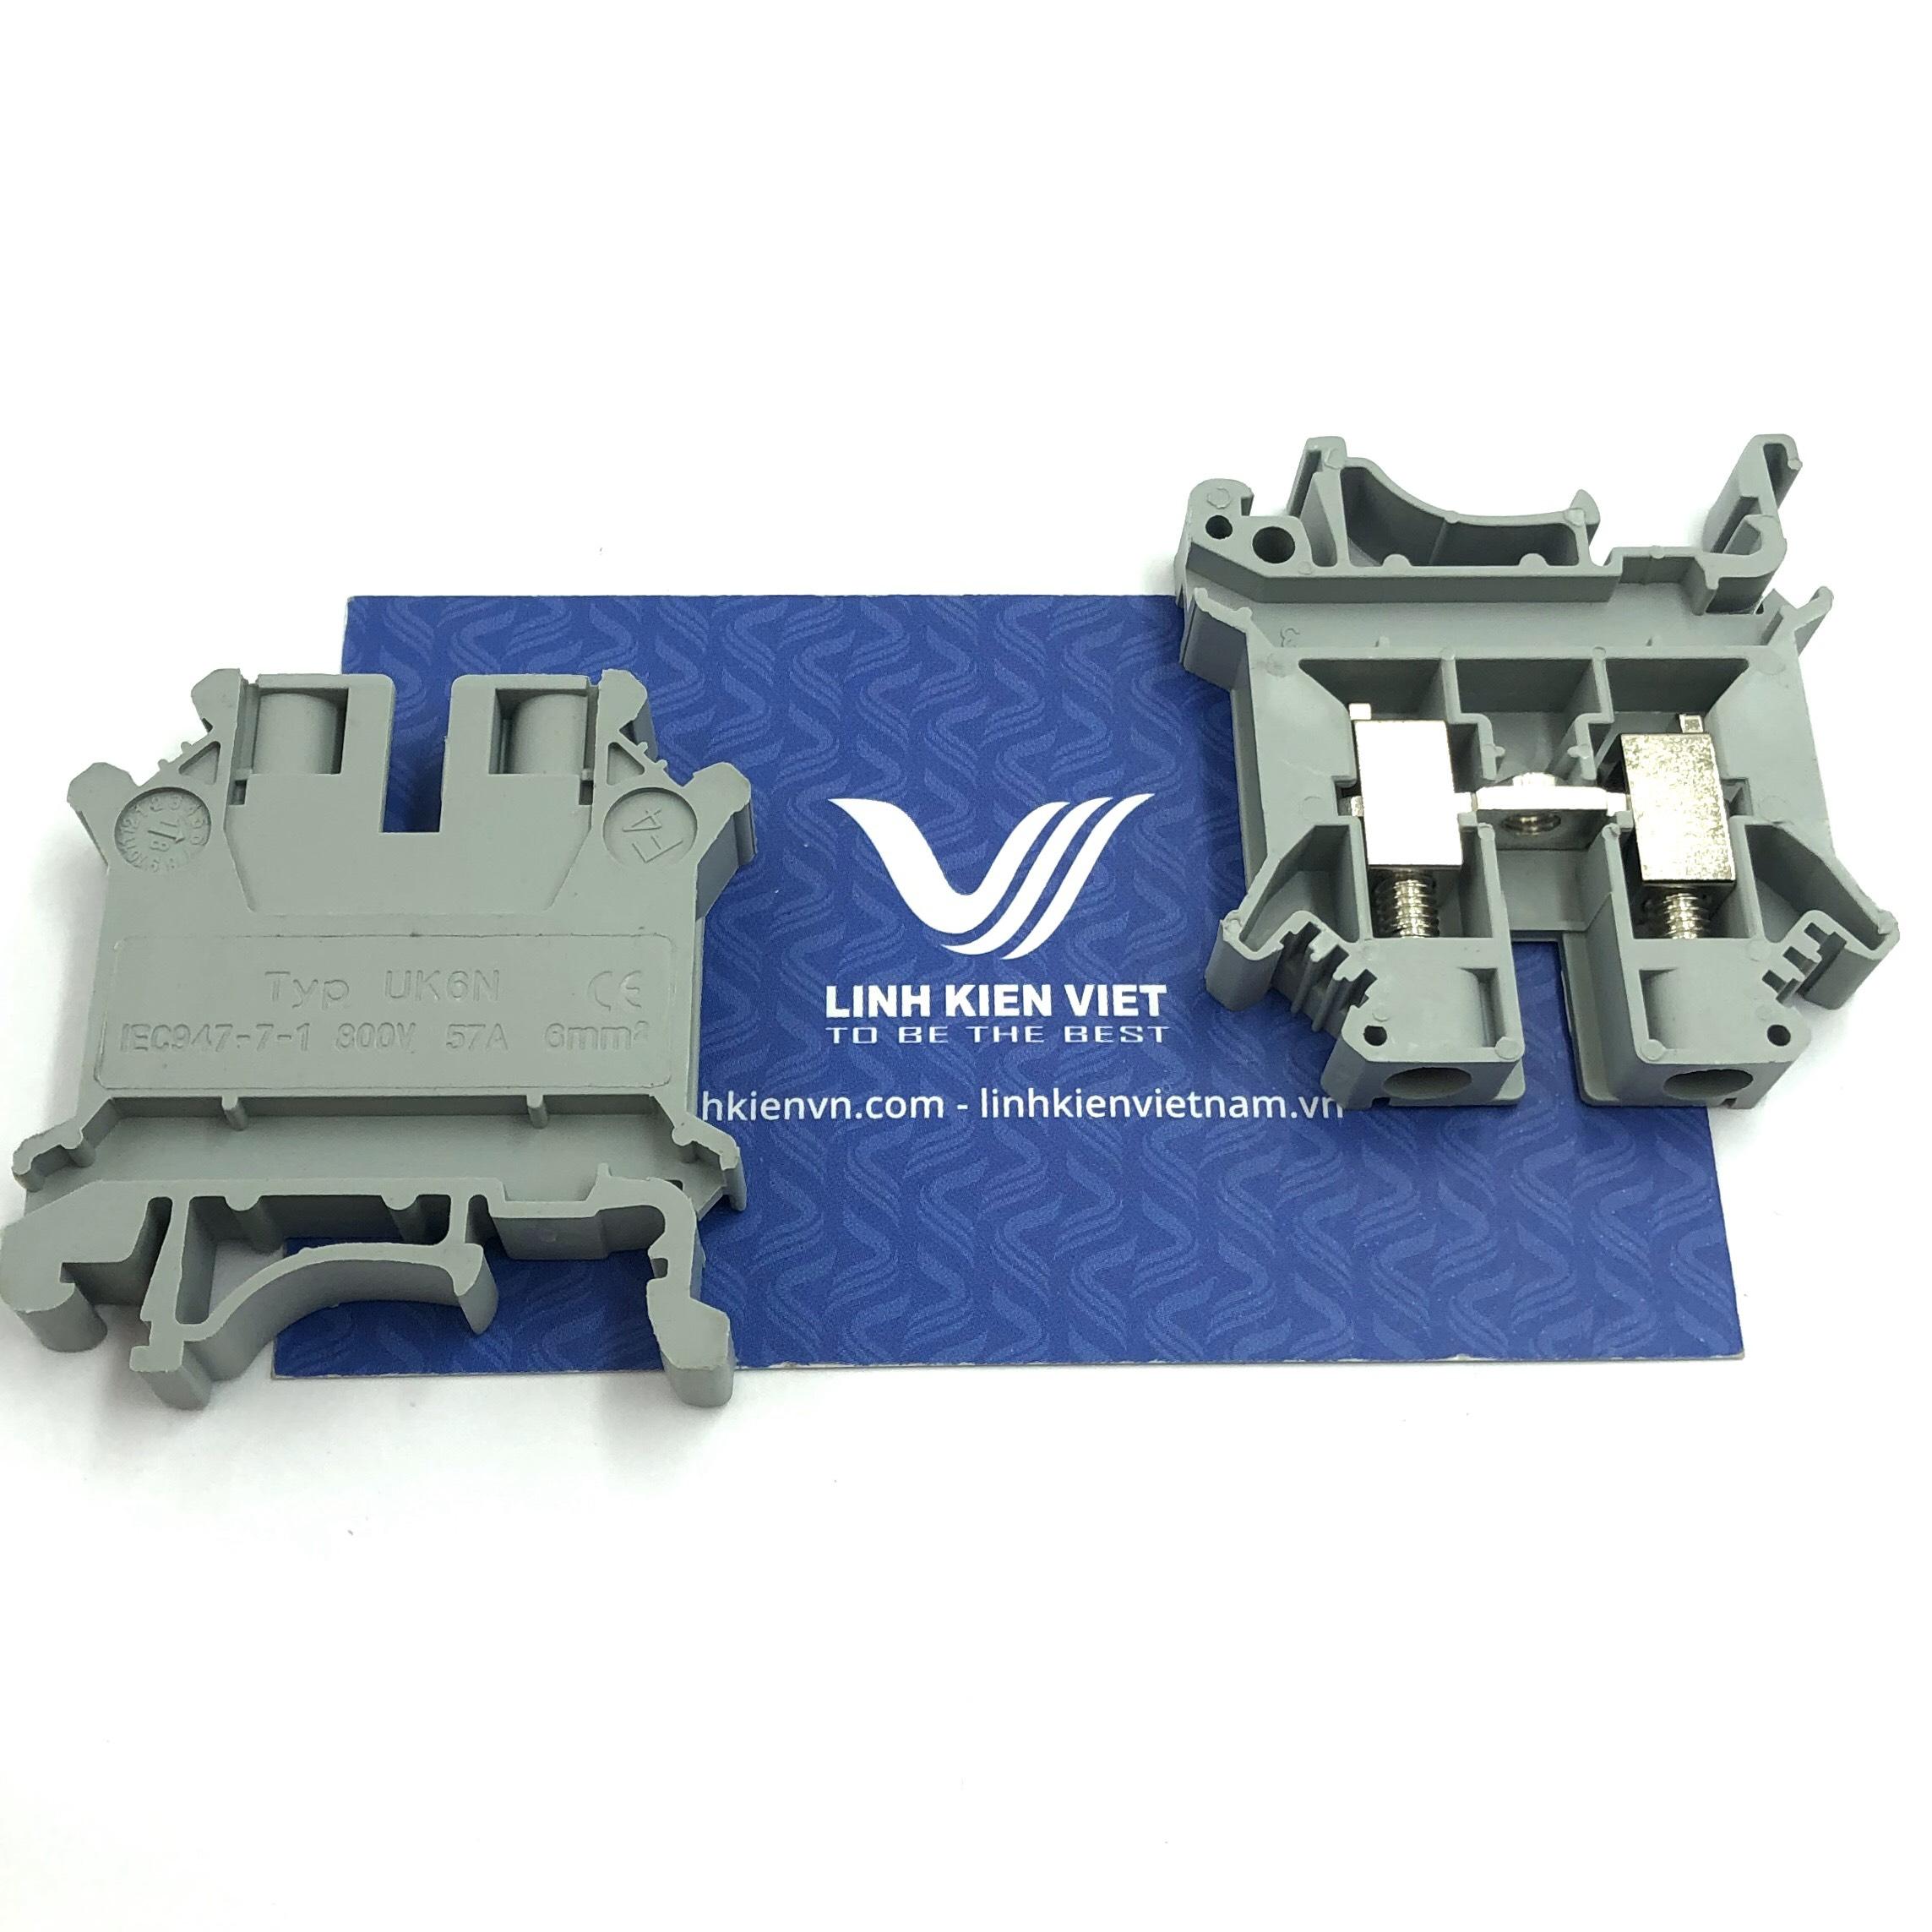 Cầu đấu dây đơn UK6N 300V 57A  - X3H24